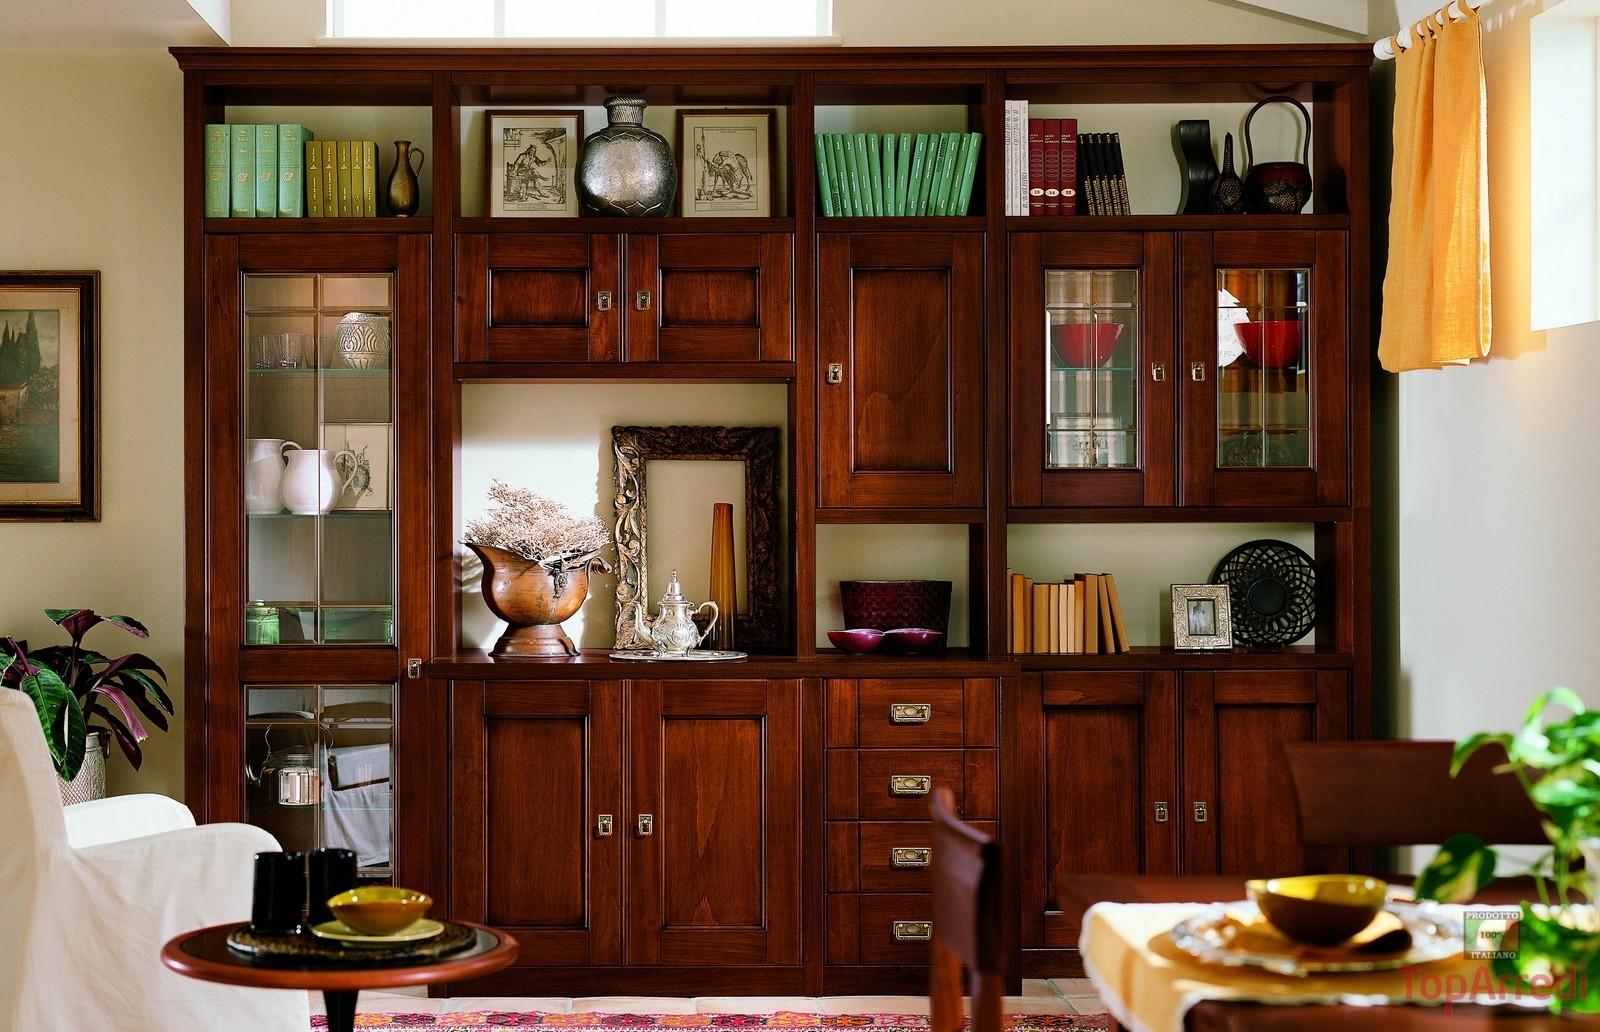 Soggiorno In Legno - Idee Per La Casa - Syafir.com